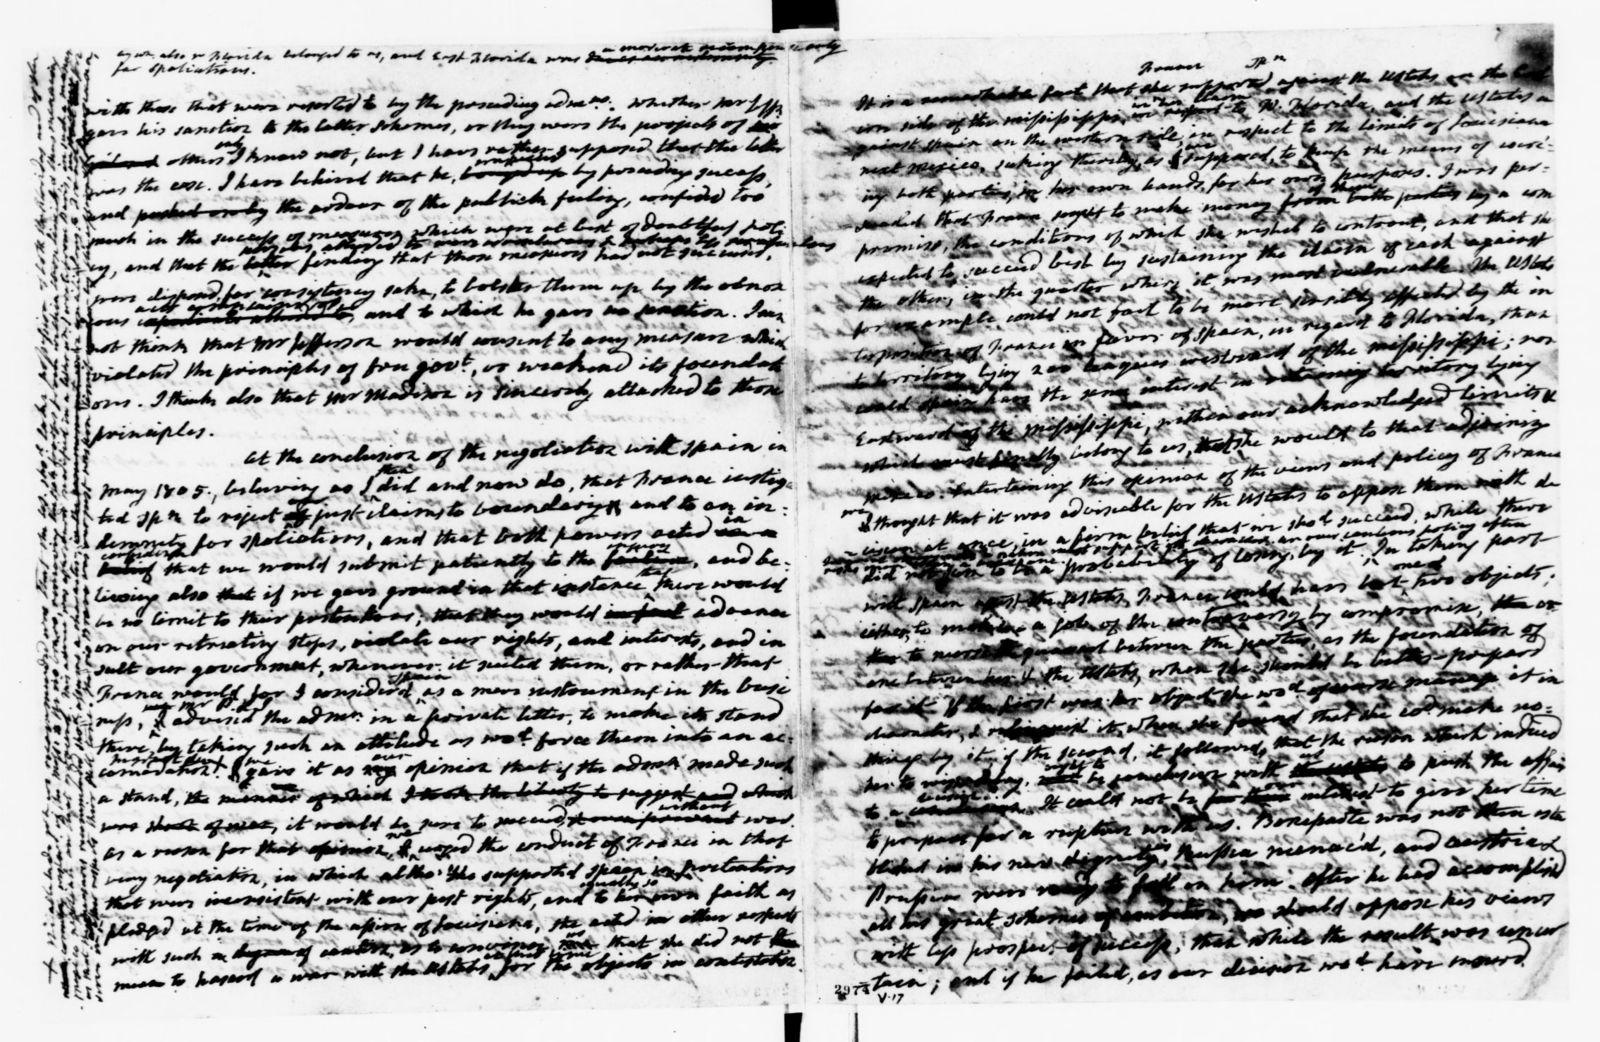 James Monroe Papers: Series 1, General Correspondence, 1758-1839; 1807 Jan. 24-1812 Mar. 12 (Reel 4)